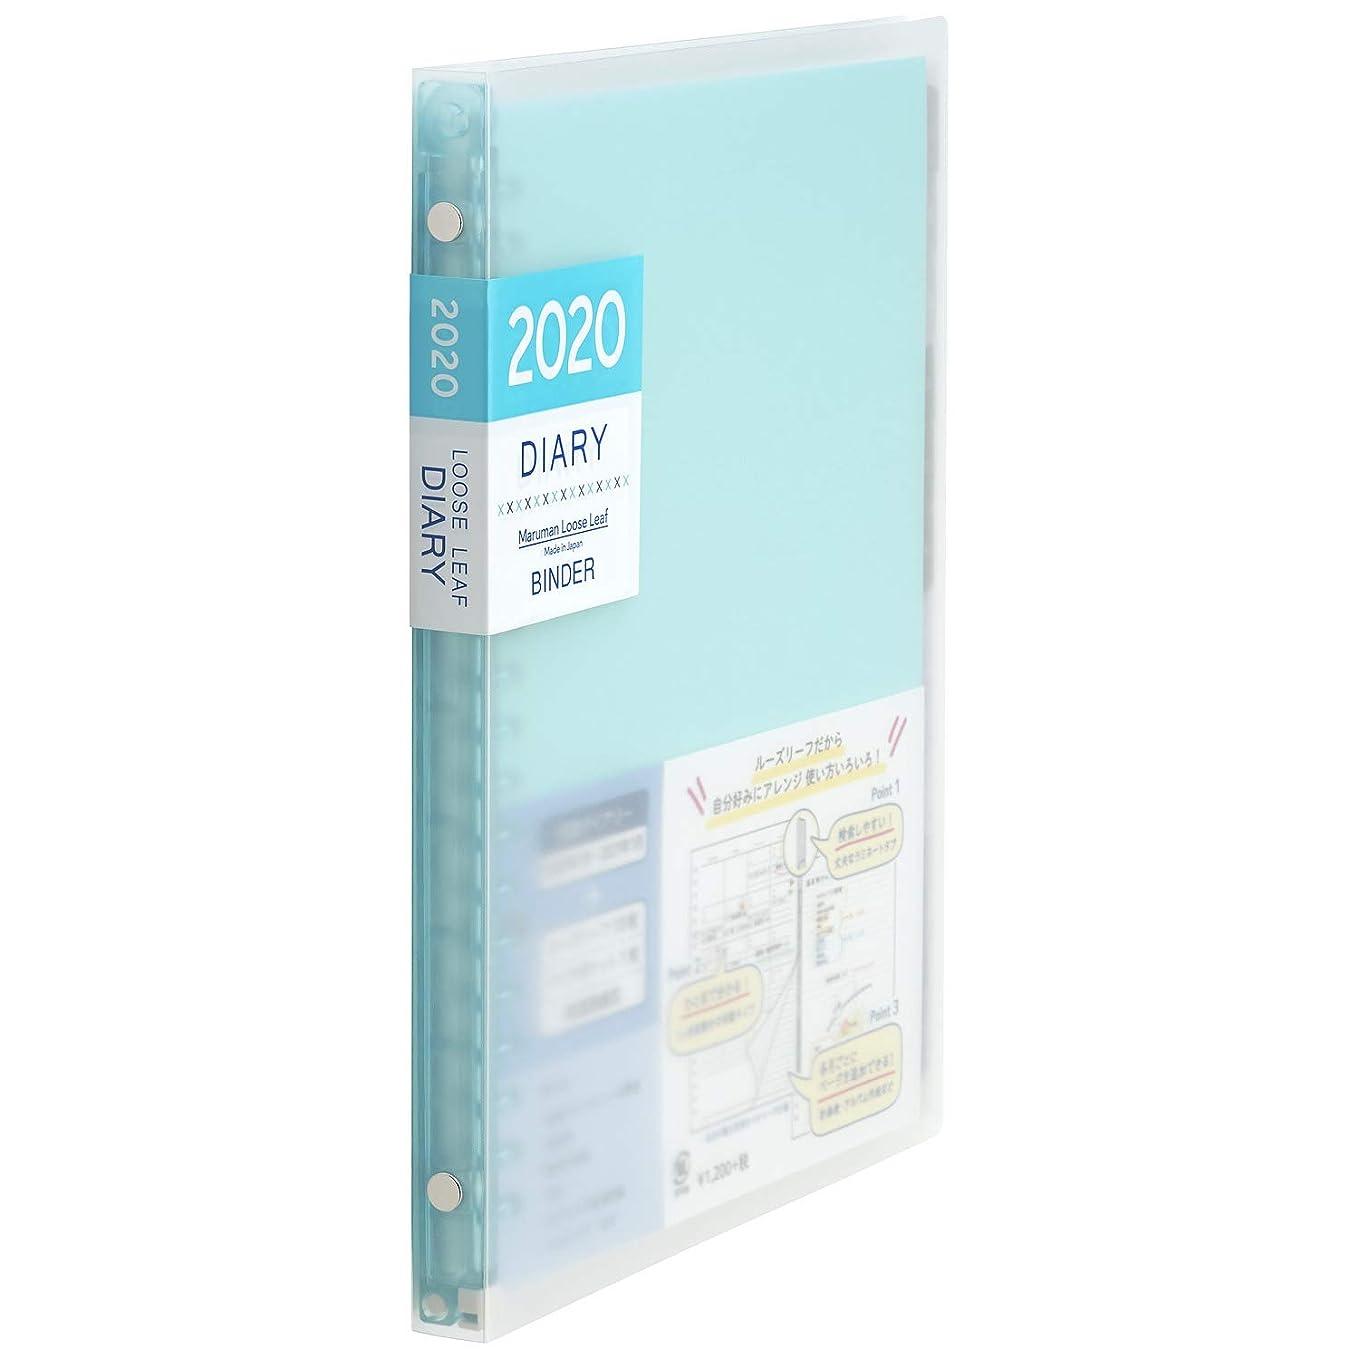 小道キャップ取り消すマルマン 手帳 2020年 B5 マンスリー ブルー FD43-20-02 2020年 1月始まり